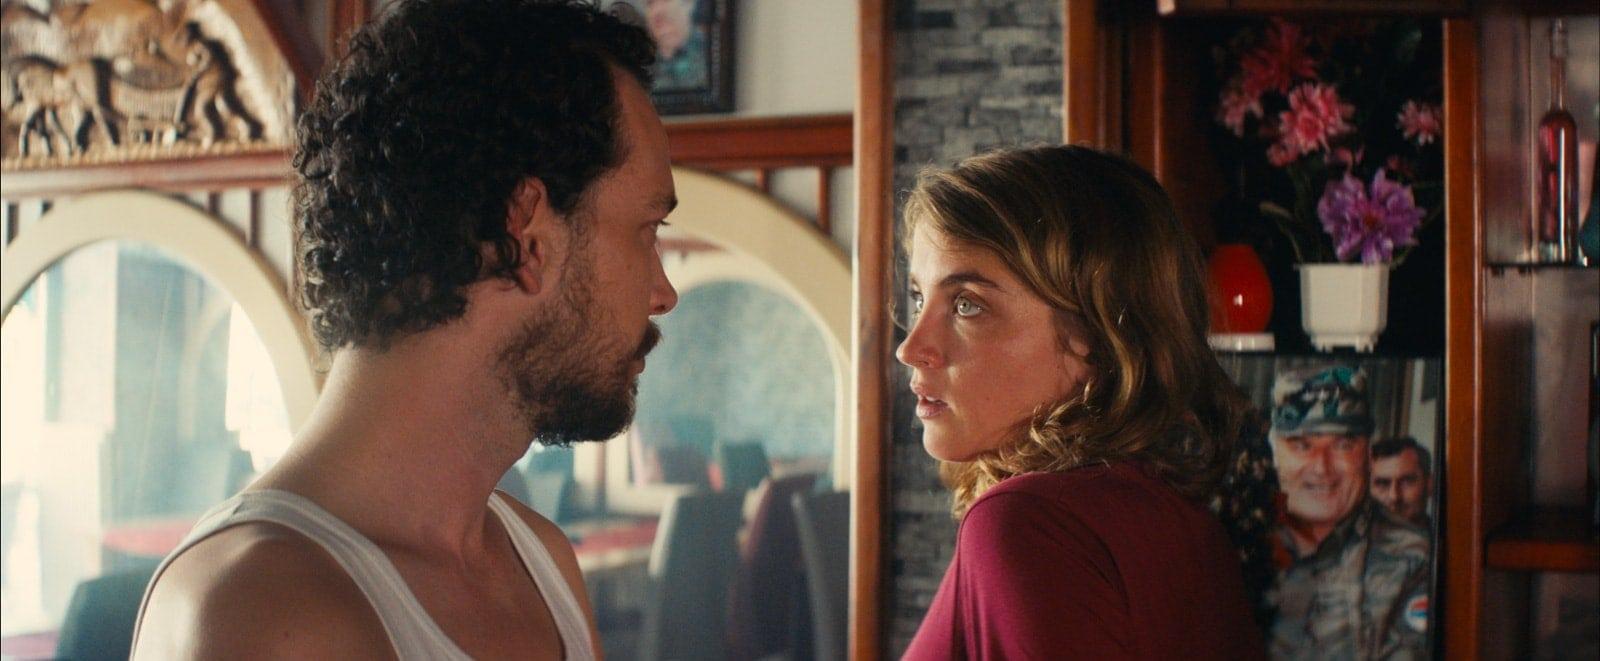 Jonathan Couzinié et Adèle Haenel dans Les Héros ne meurent jamais